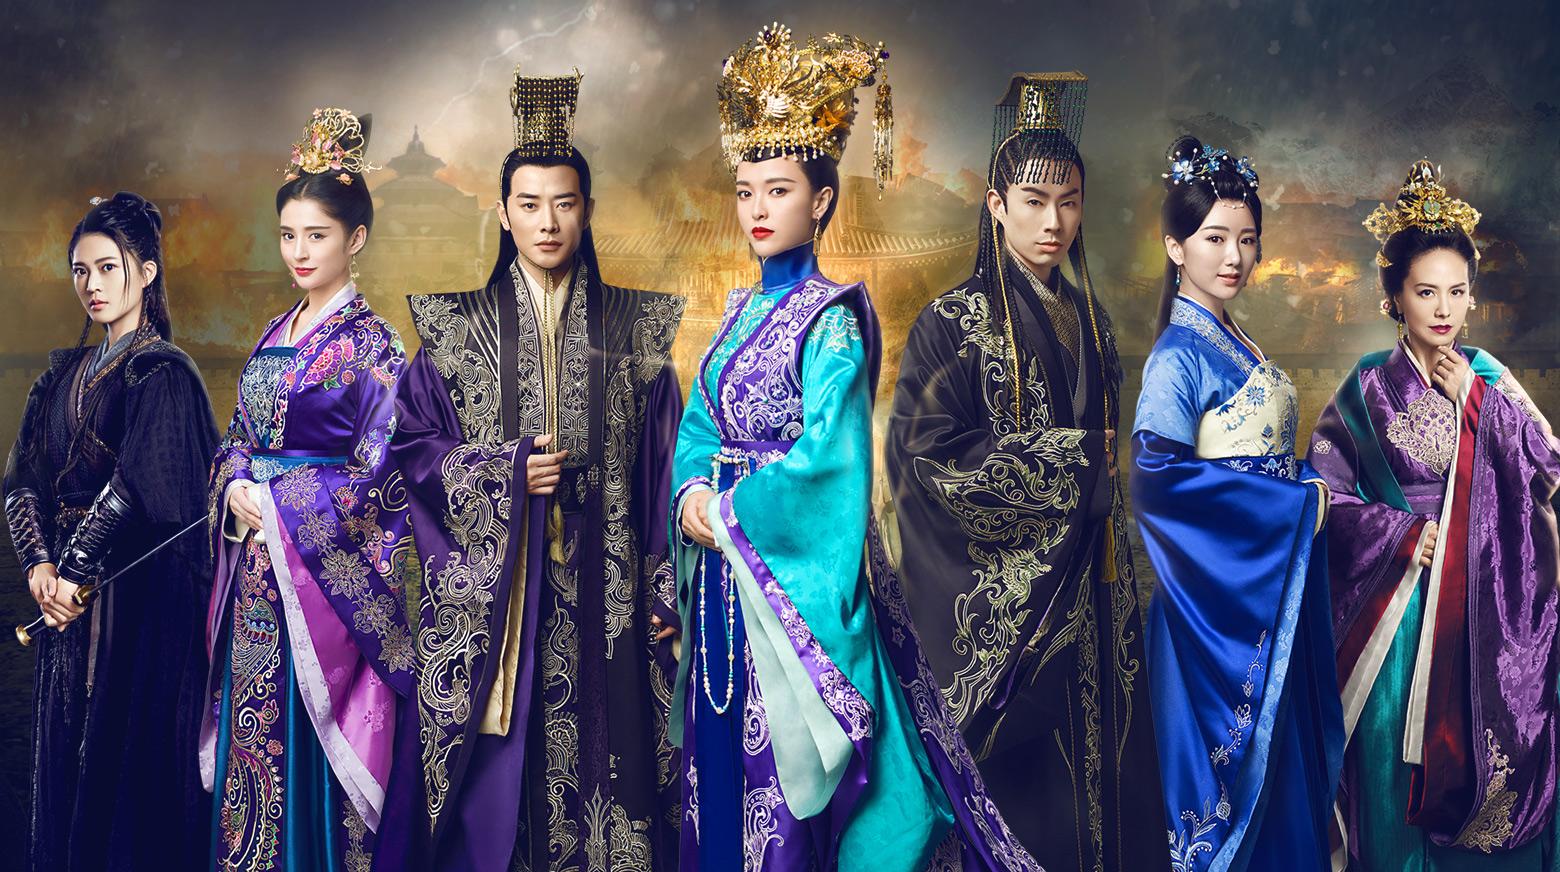 Princess Weiyoung